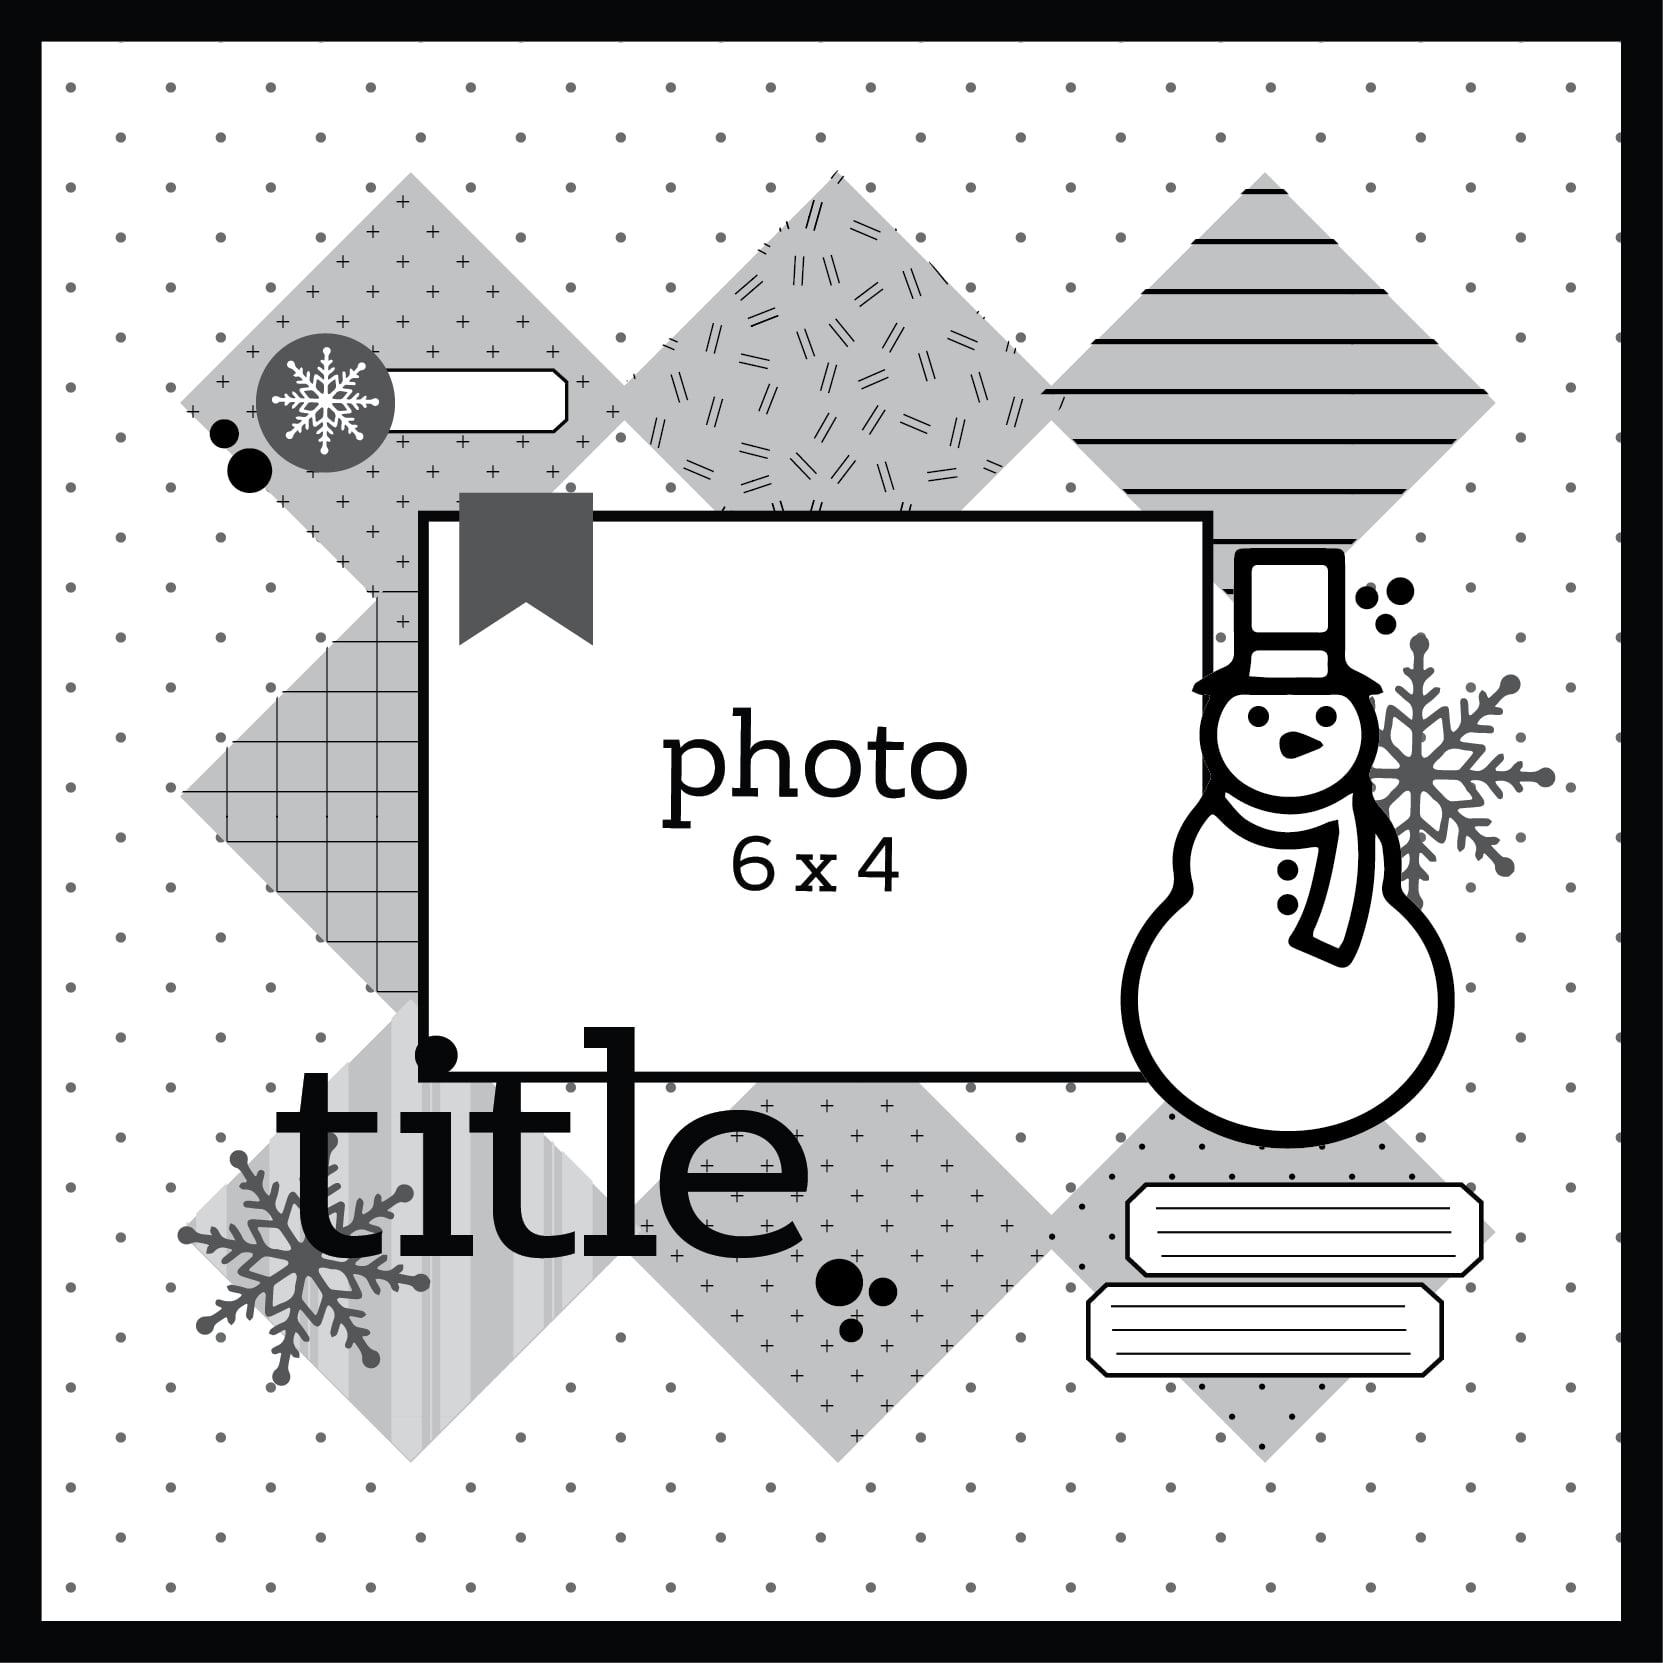 SCT Delivered Kit - Winter 2018 Winter Wonderland - Layout Sketch